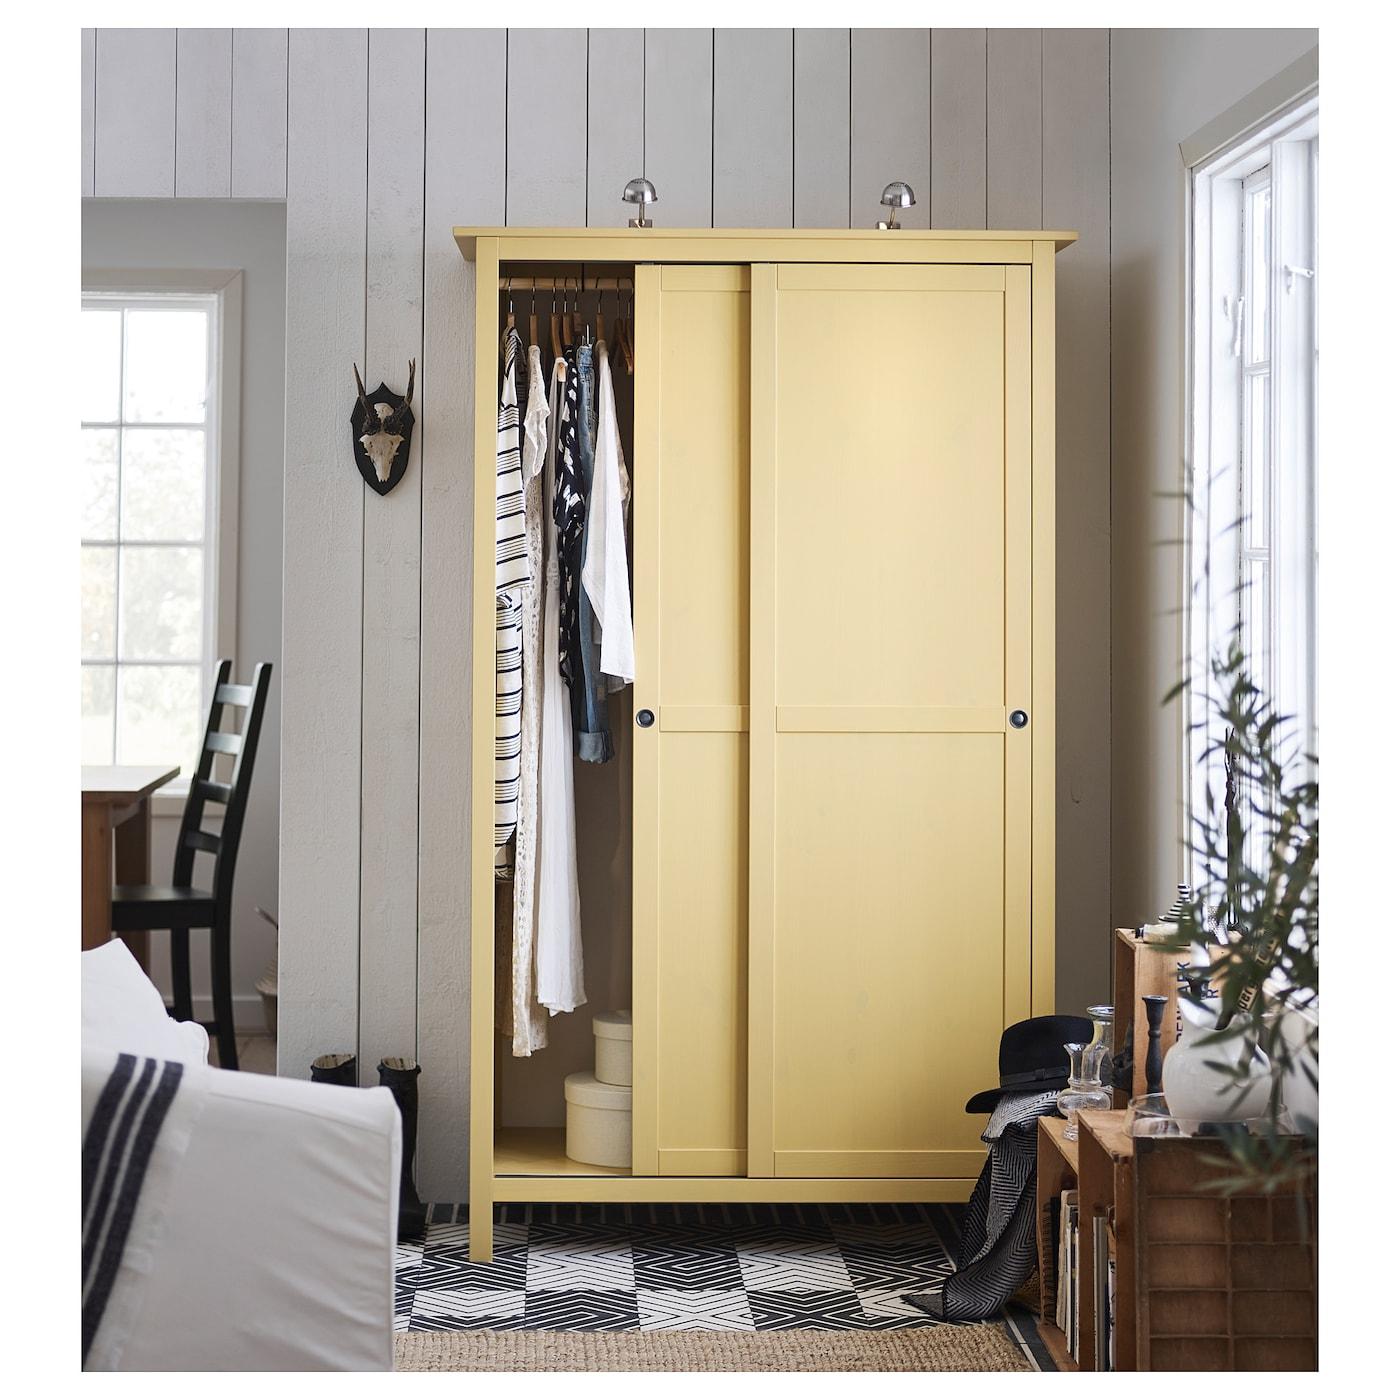 Ikea 2 Door Wardrobe: HEMNES Wardrobe With 2 Sliding Doors Yellow 120 X 197 Cm